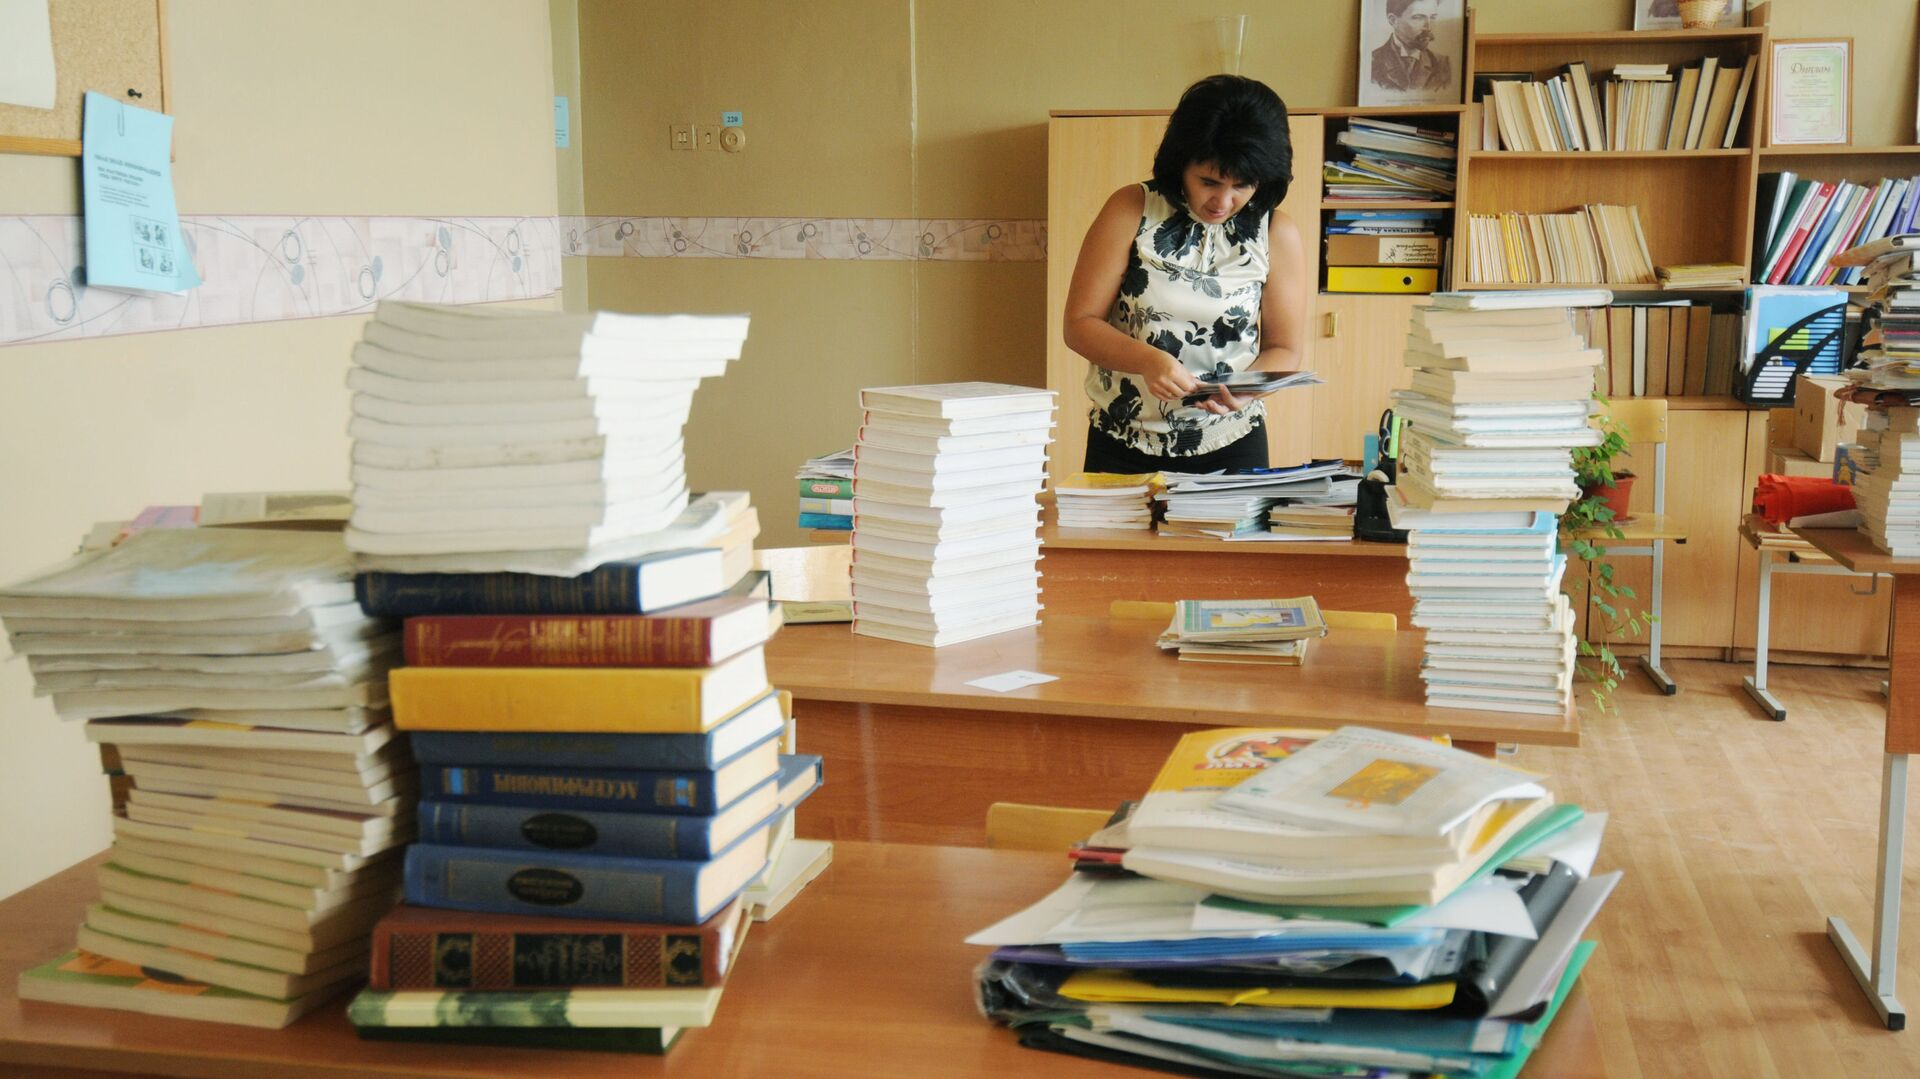 Учительница сортирует учебники в классе - РИА Новости, 1920, 07.05.2021